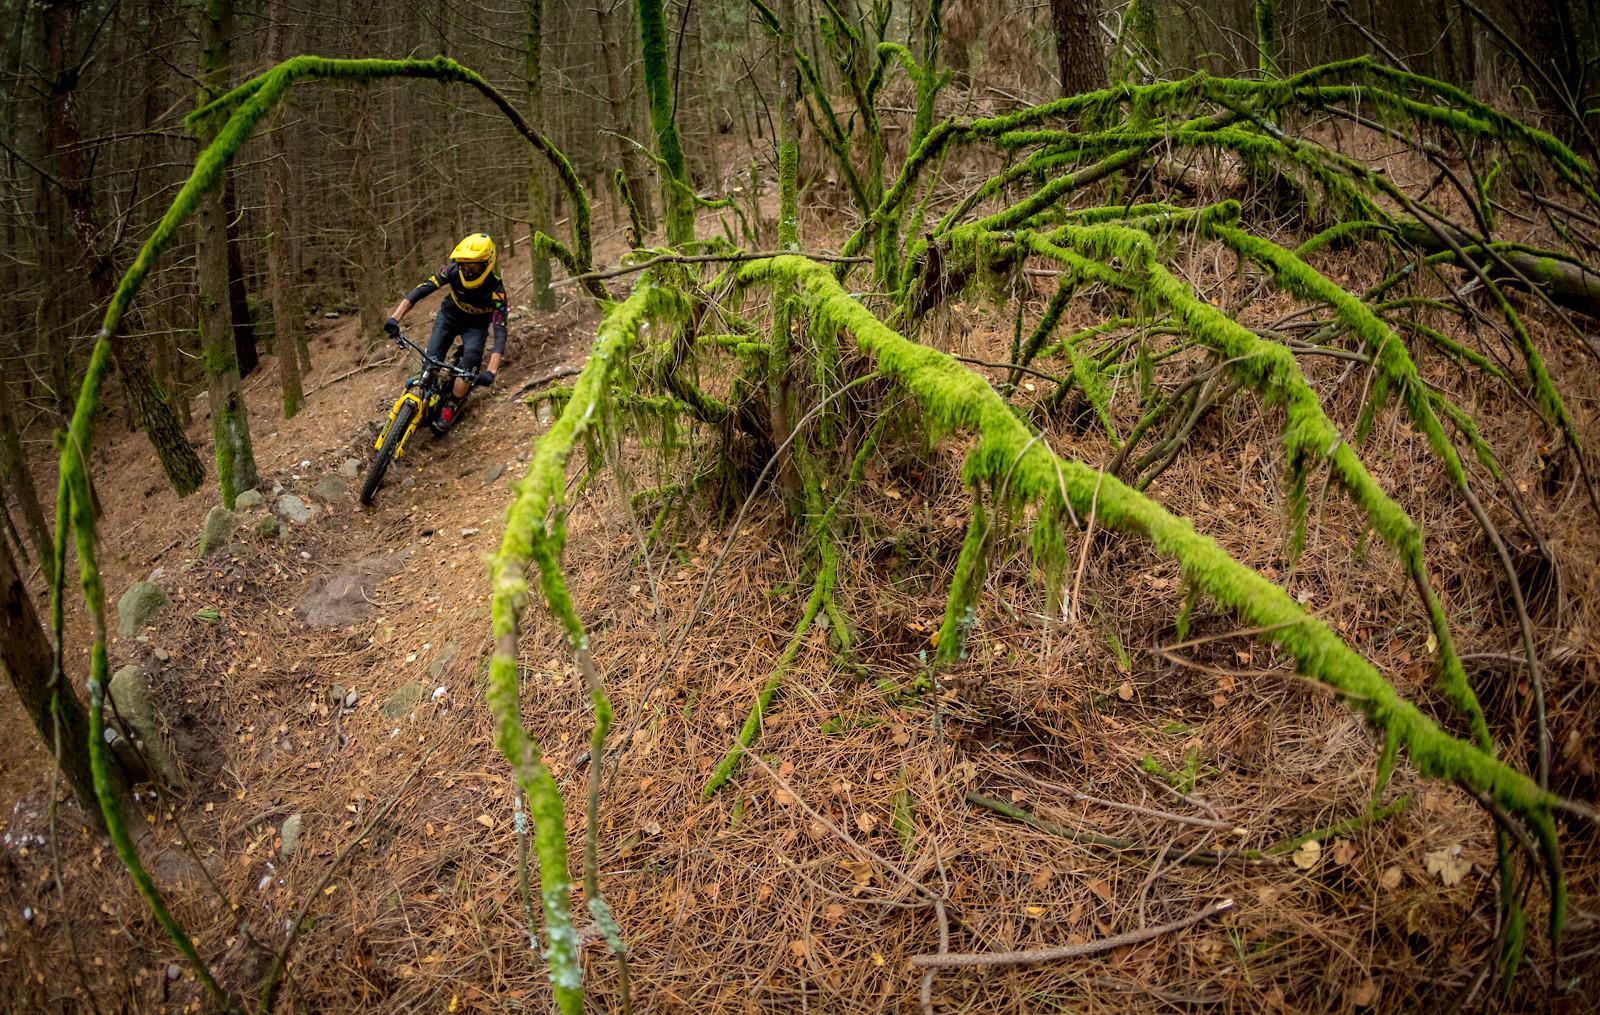 Shimano - miguelbento - Mountain Biking Pictures - Vital MTB